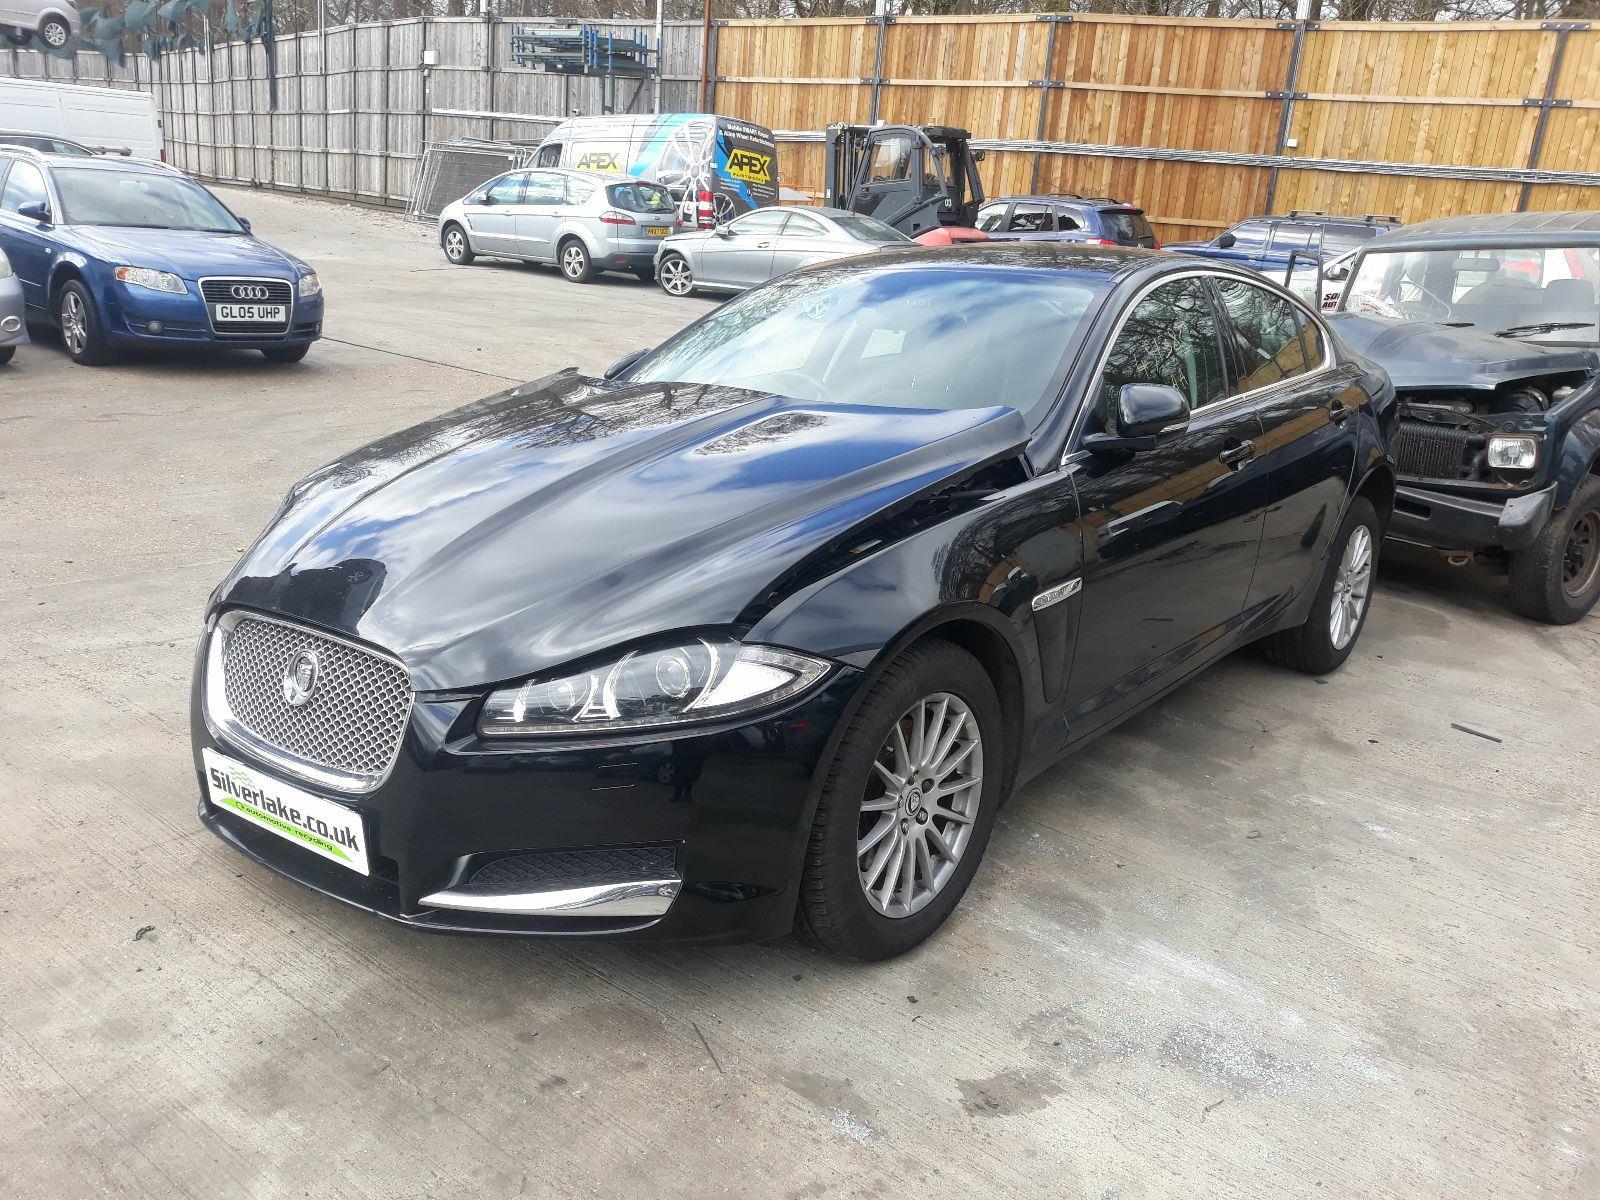 Jaguar XF 2011 To 2015 SE 4 Door Saloon